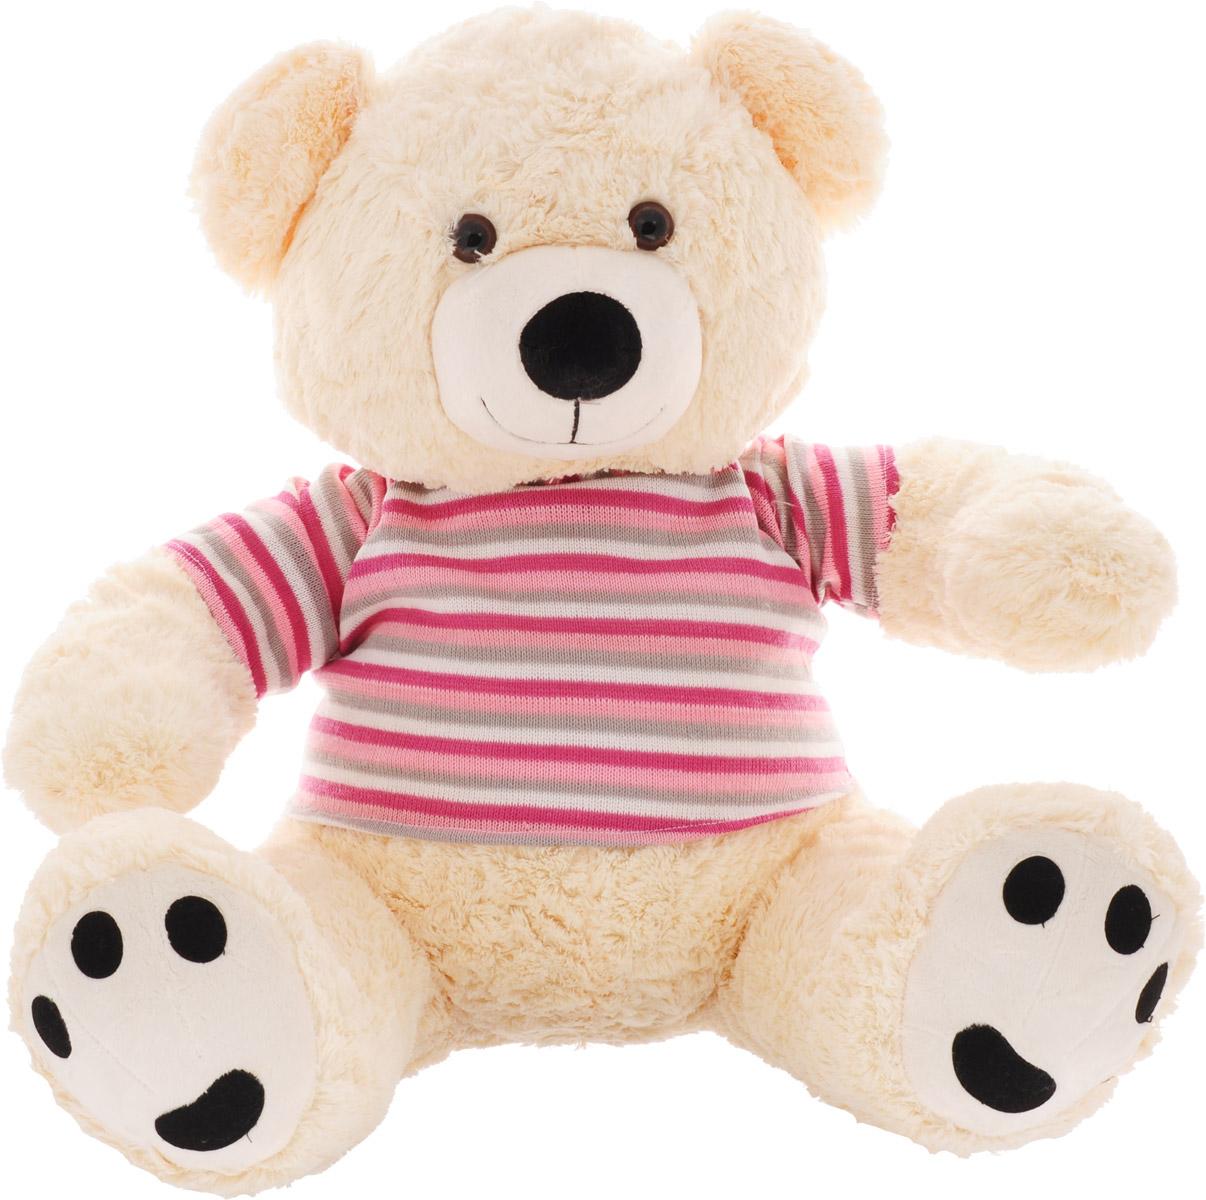 Magic Bear Toys Мягкая игрушка Мишка в свитере цвет свитера розовый серый белый 50 см мягкая игрушка magic bear toys тигр 60 см